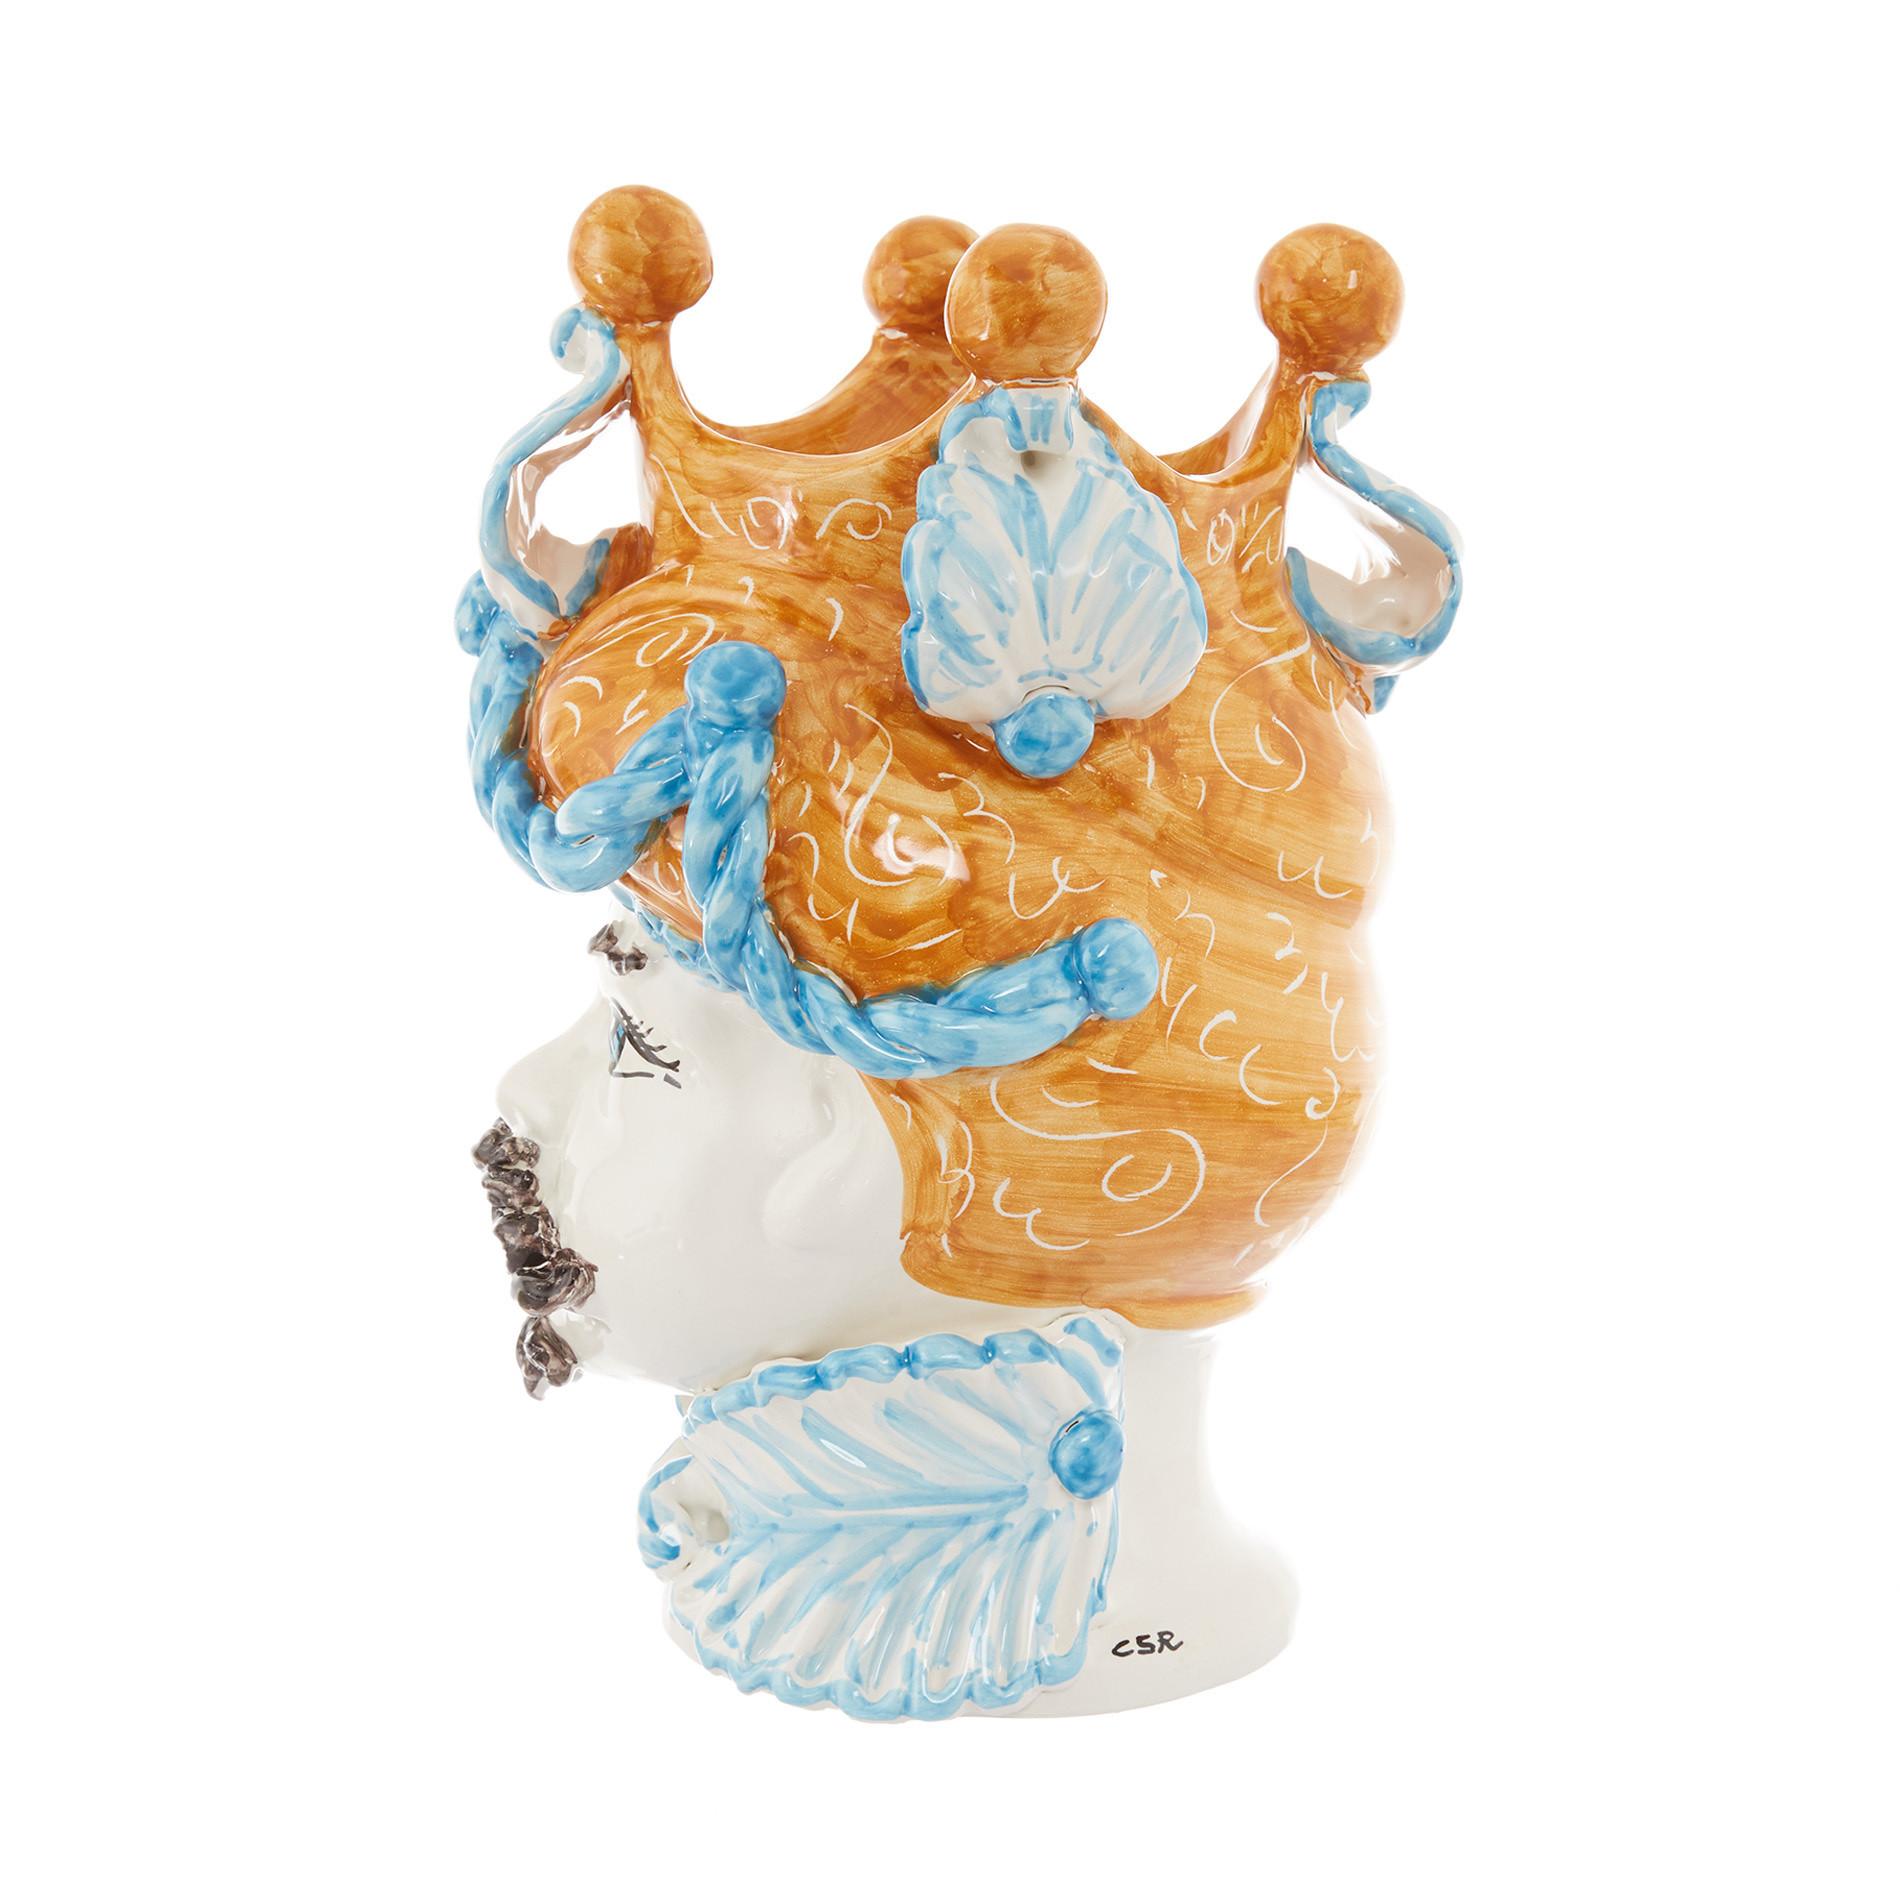 Testa di moro arabesque by Ceramiche Siciliane Ruggeri, Multicolor, large image number 2